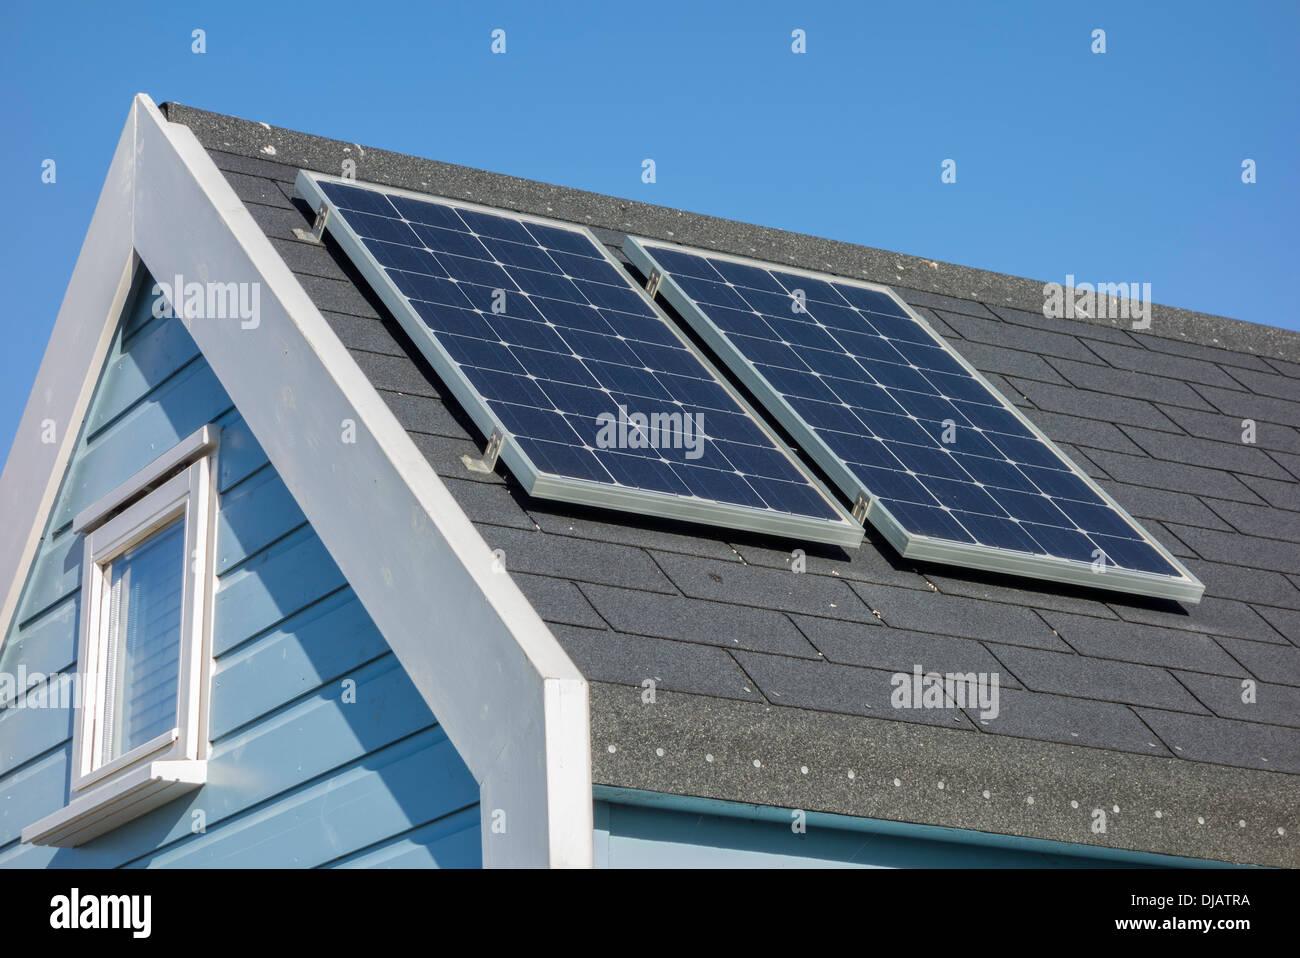 Paneles solares en el techo de la cabaña en la playa, el puerto de Christchurch, Dorset, Inglaterra, Reino Unido. Imagen De Stock